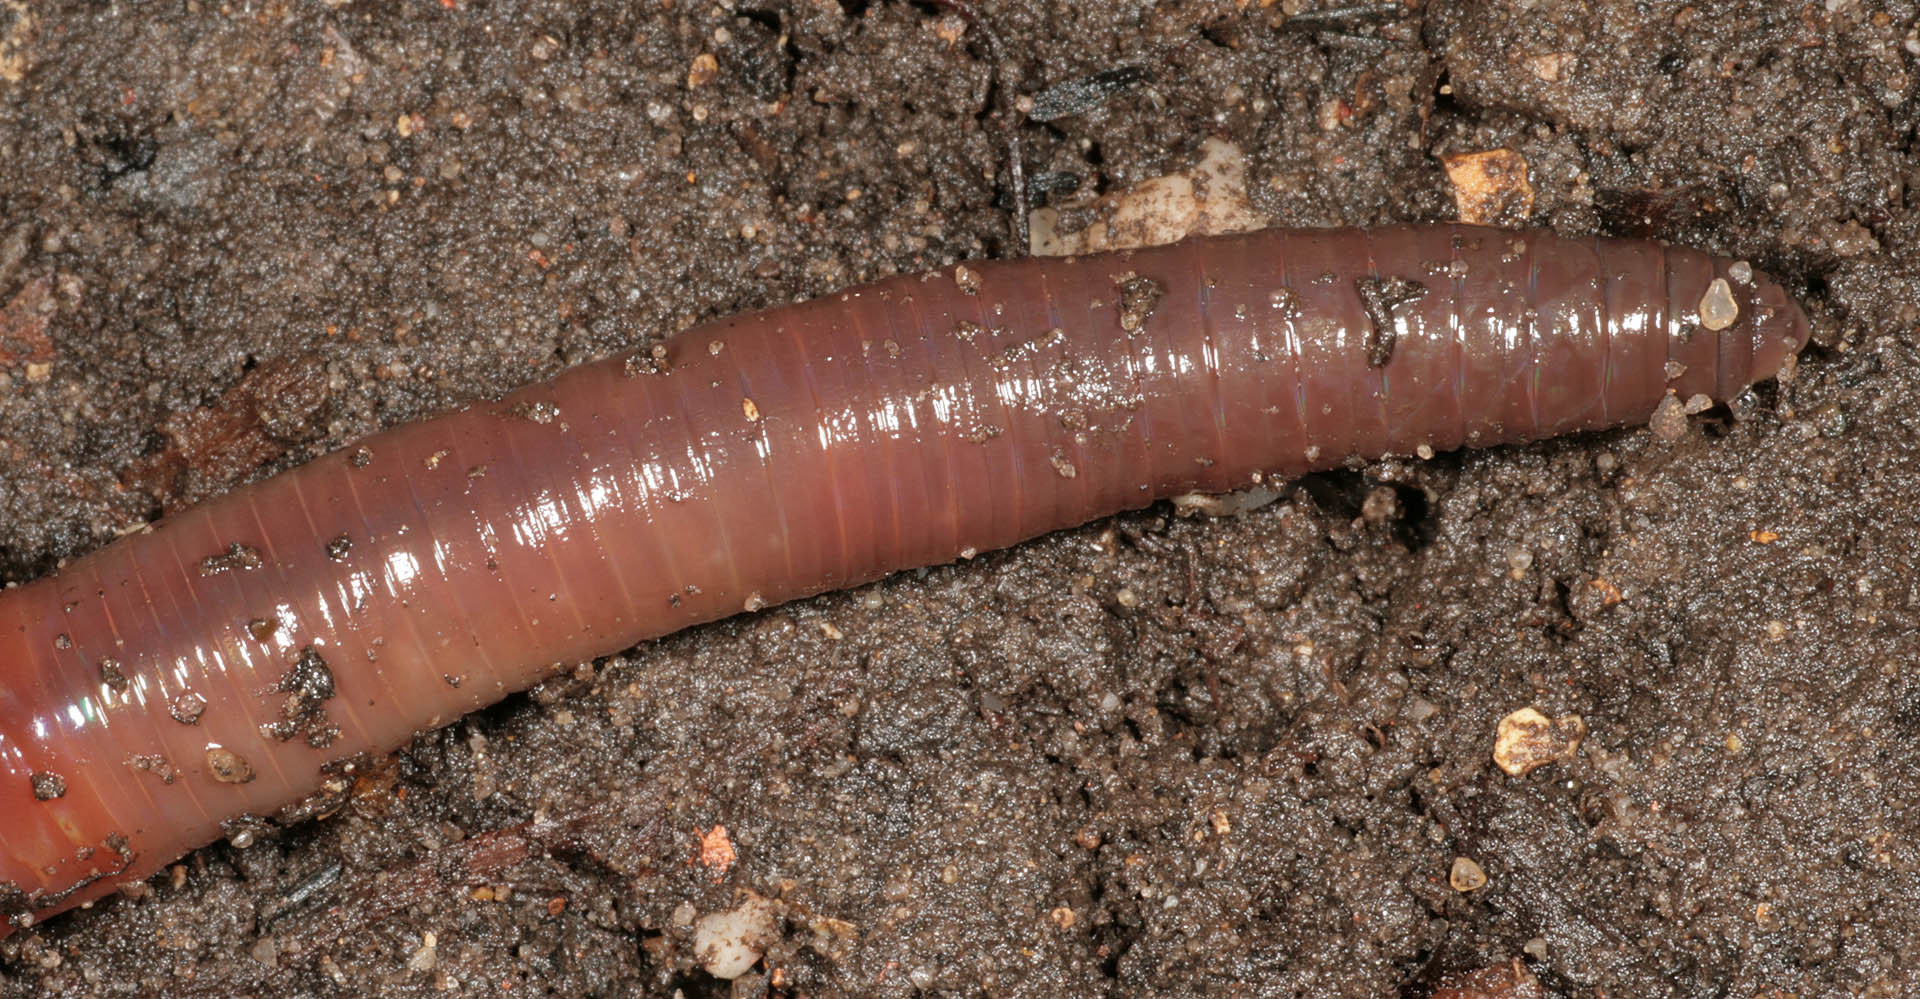 Image of Earthworm